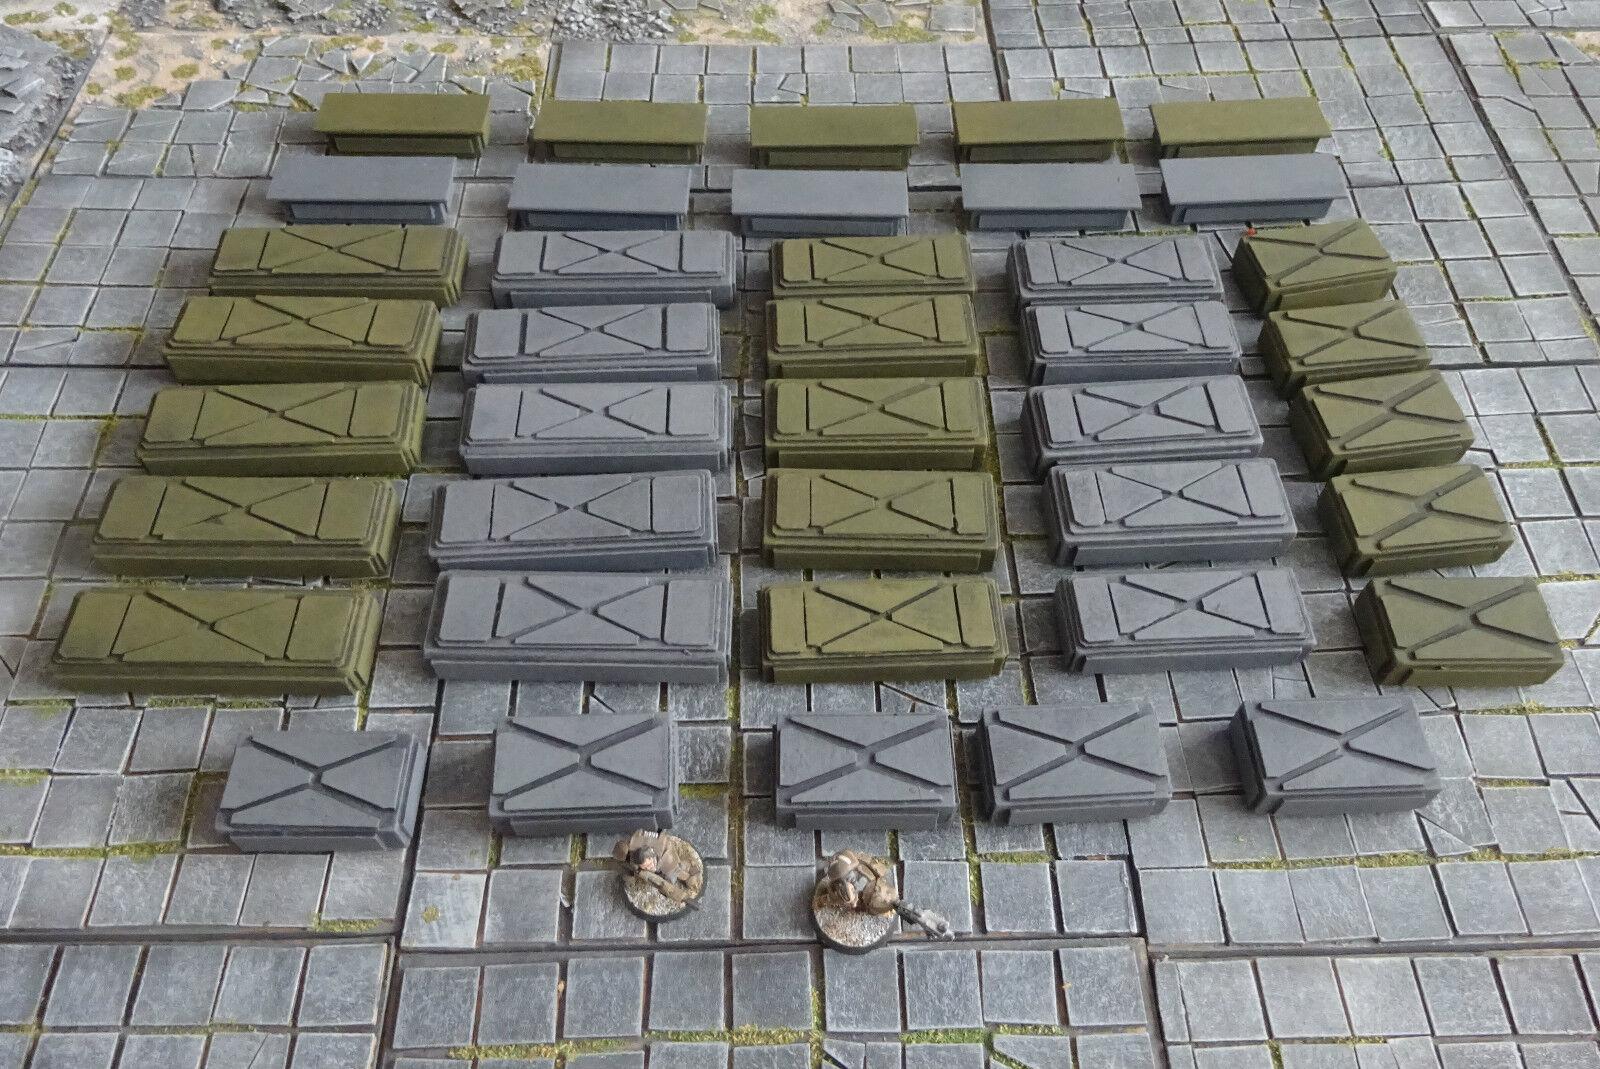 40 Green & Grey Ammo Crates - Warhammer Infinity Necromunda Sci Fi Scenery v.2